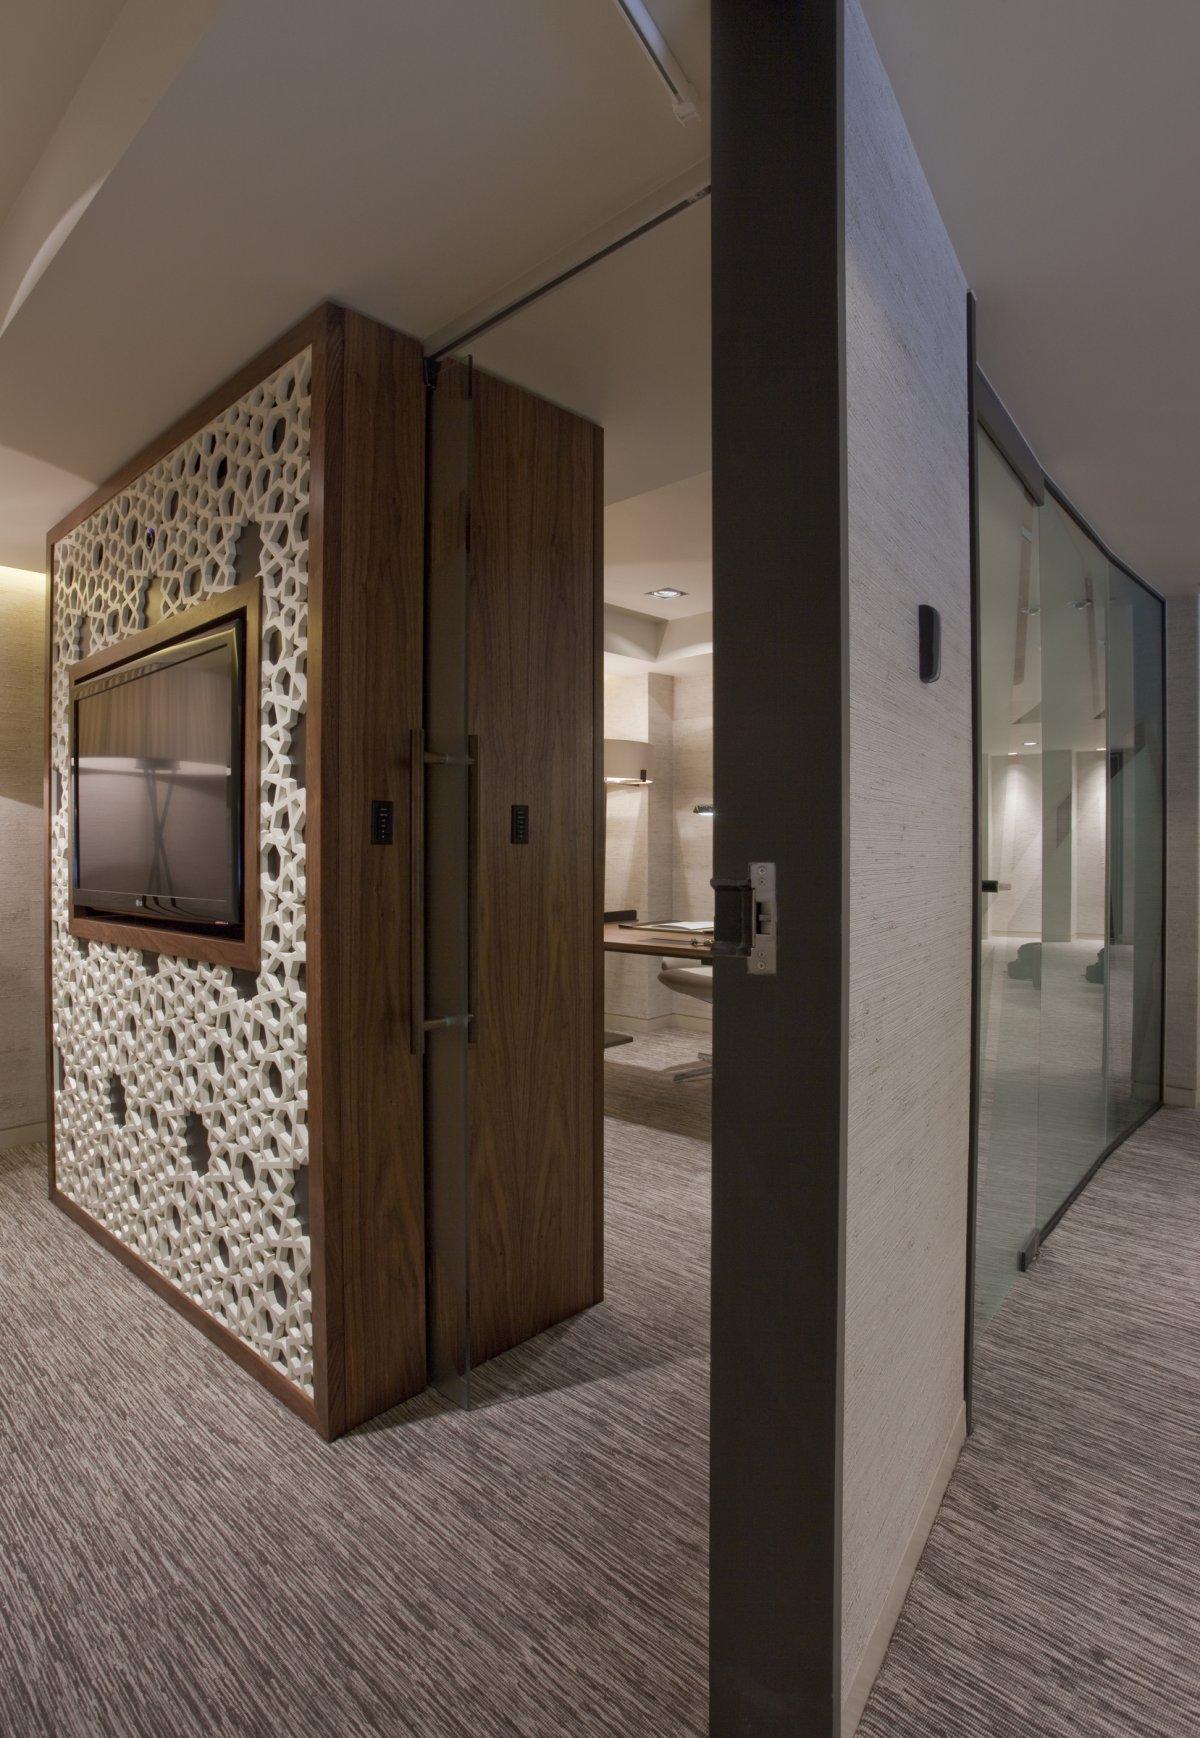 Art Line Qatar : Rizon jet lounge by shh karmatrendz